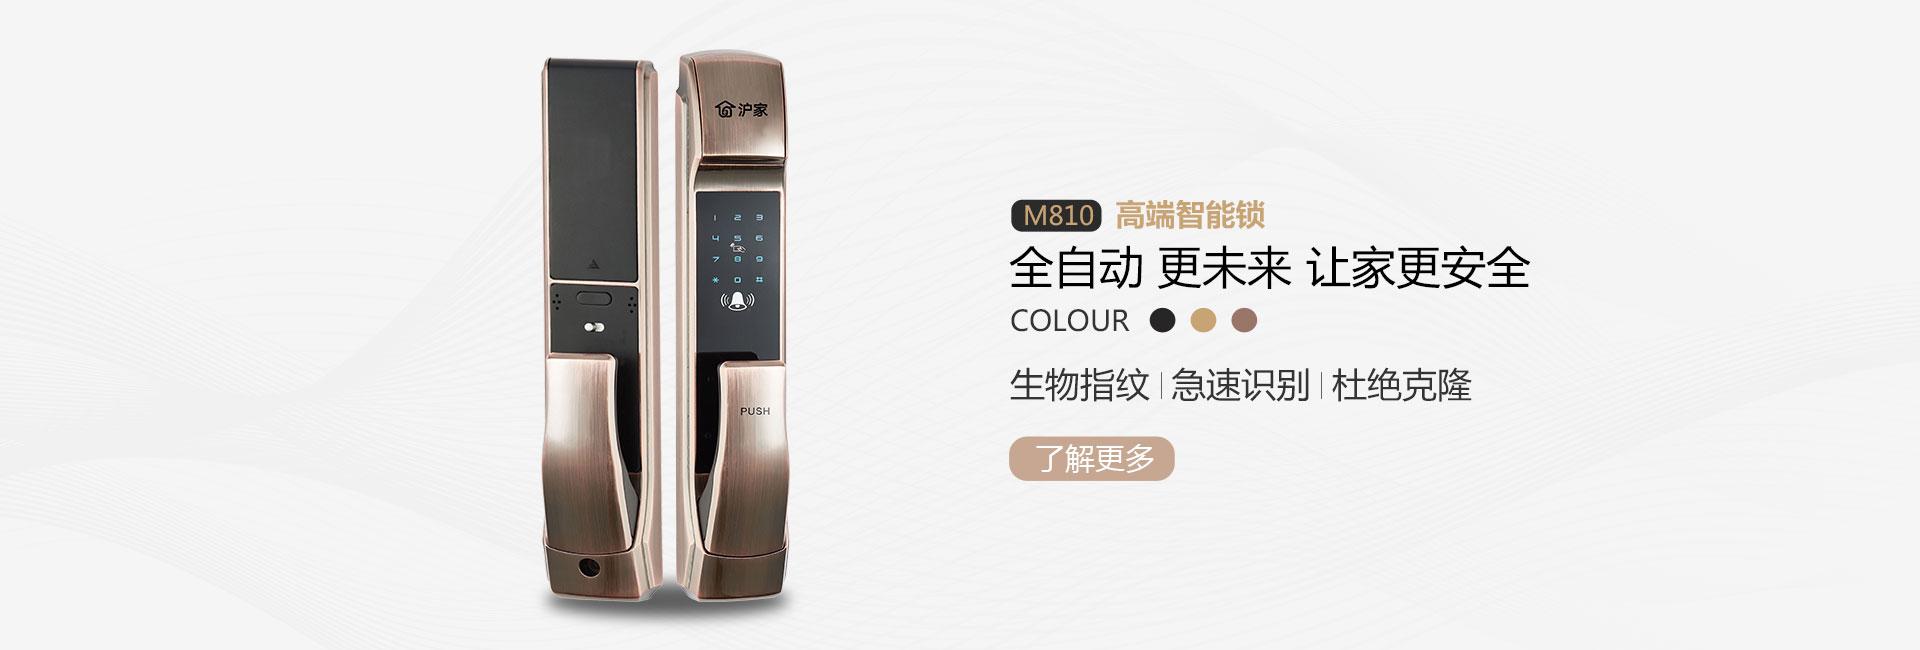 manbetx官网客户端下载(上海)万博manbetx官网手机版登陆